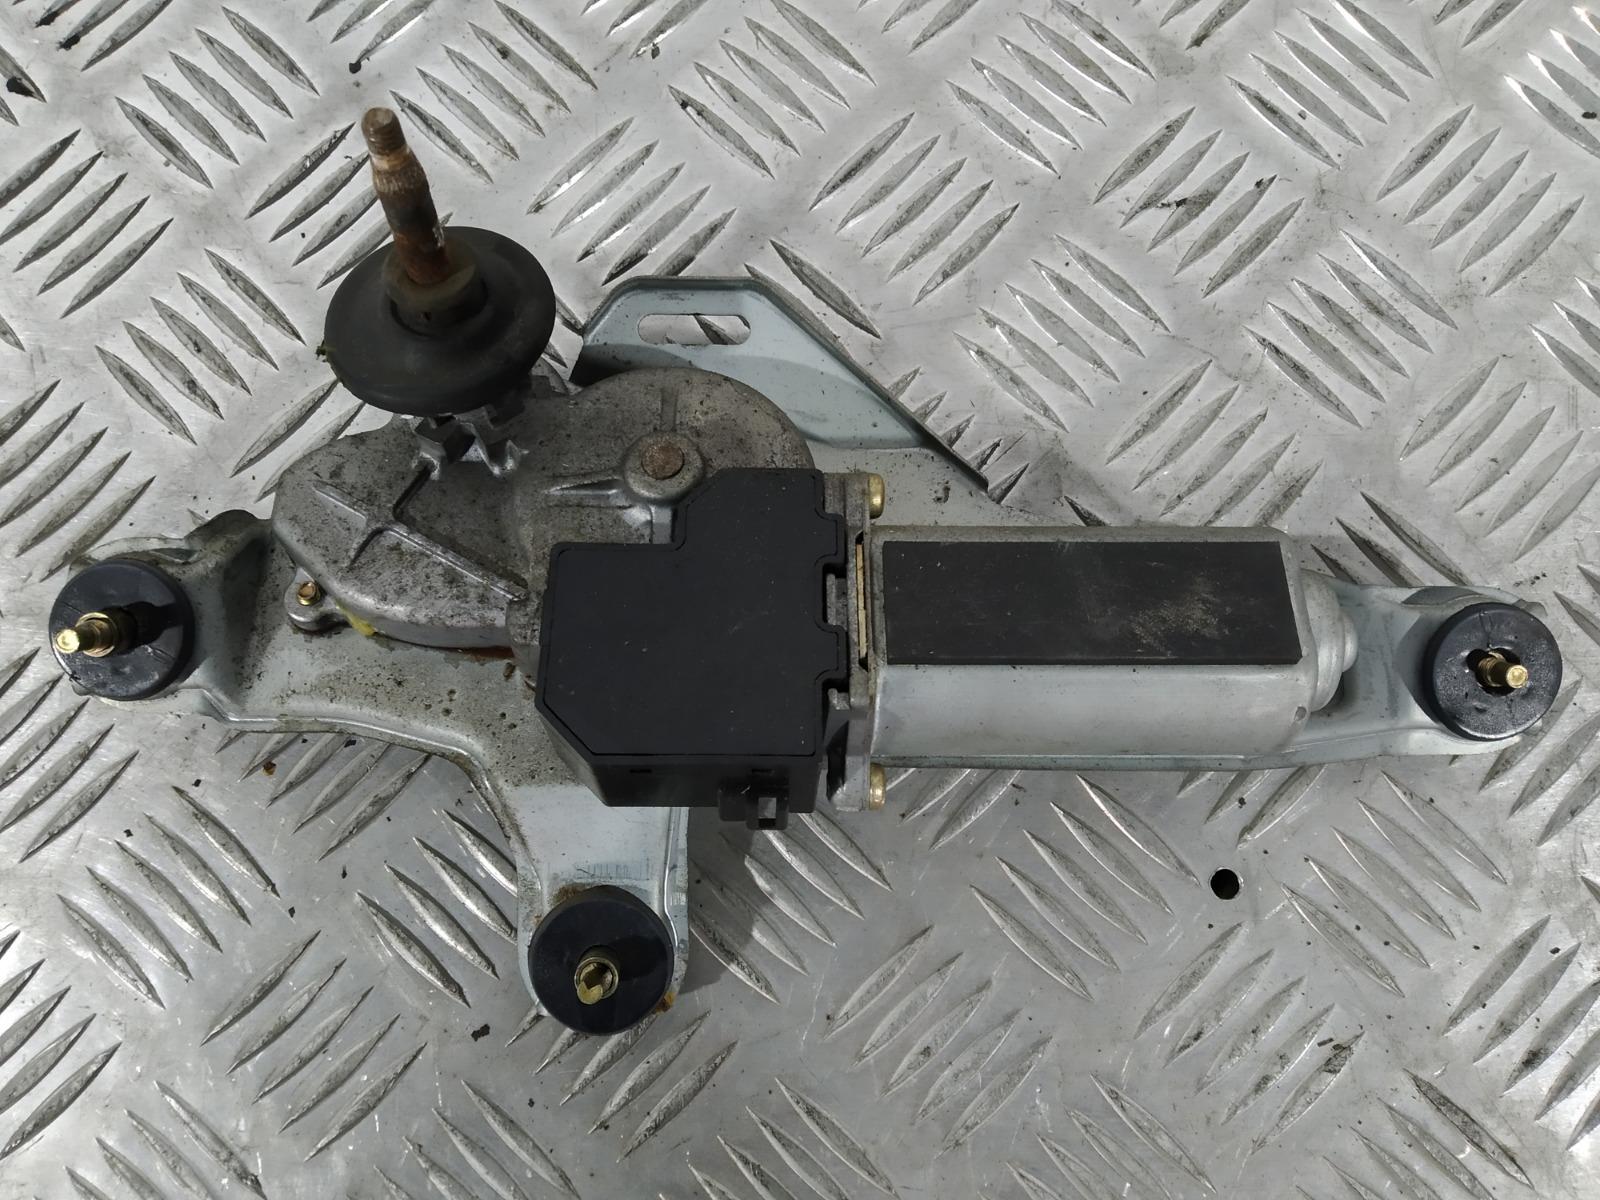 Моторчик заднего стеклоочистителя (дворника) Toyota Rav4 2.0 I 2000 (б/у)